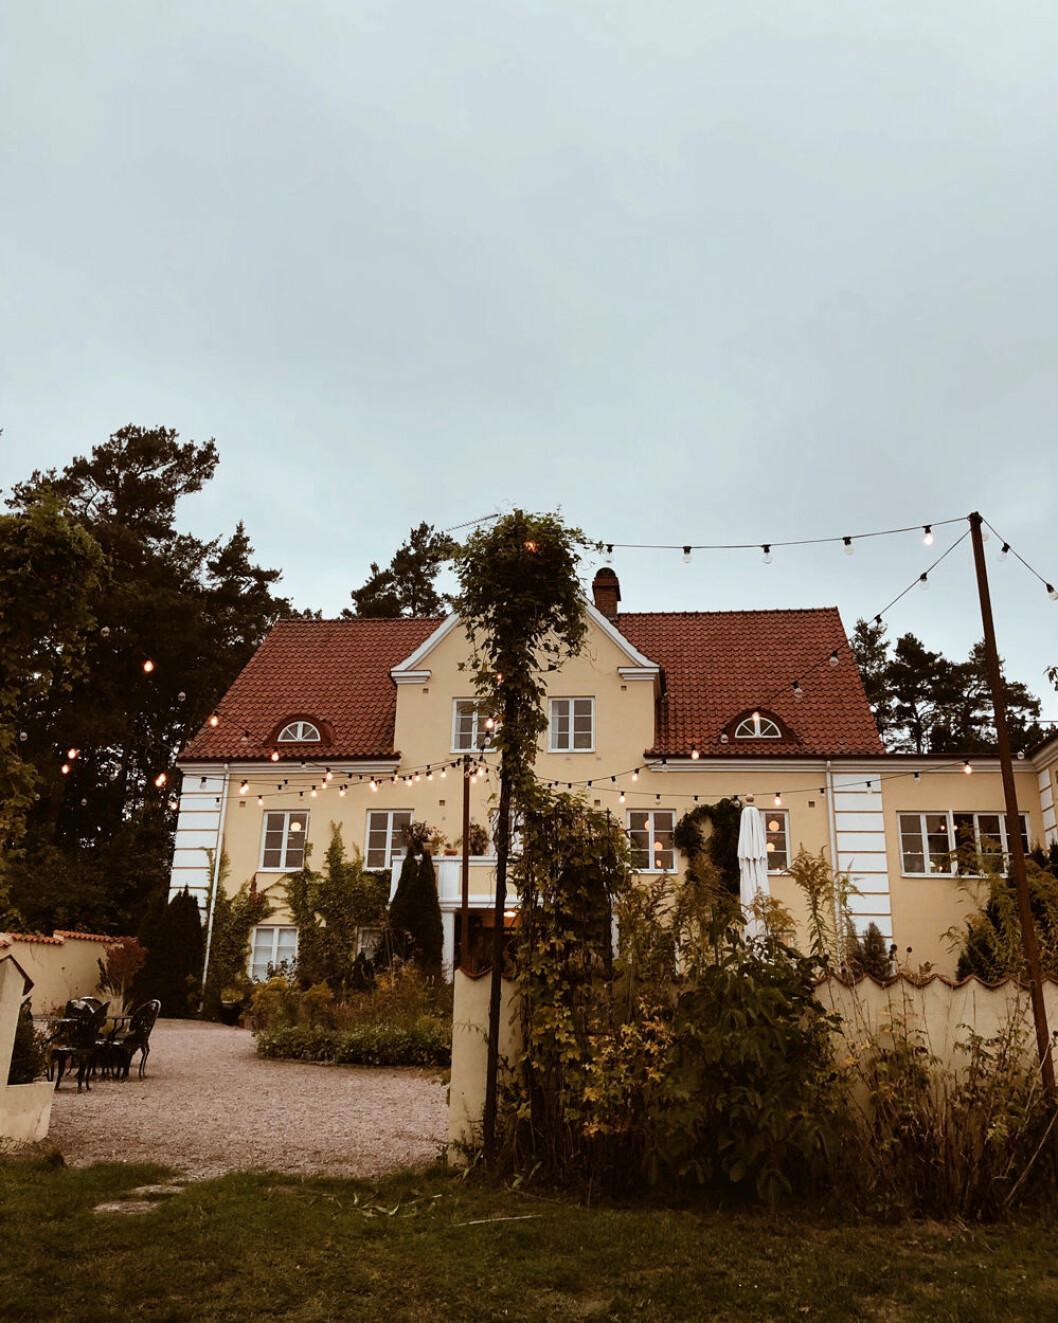 Utflyktstips Sverige Hotell Talldungen Skåne